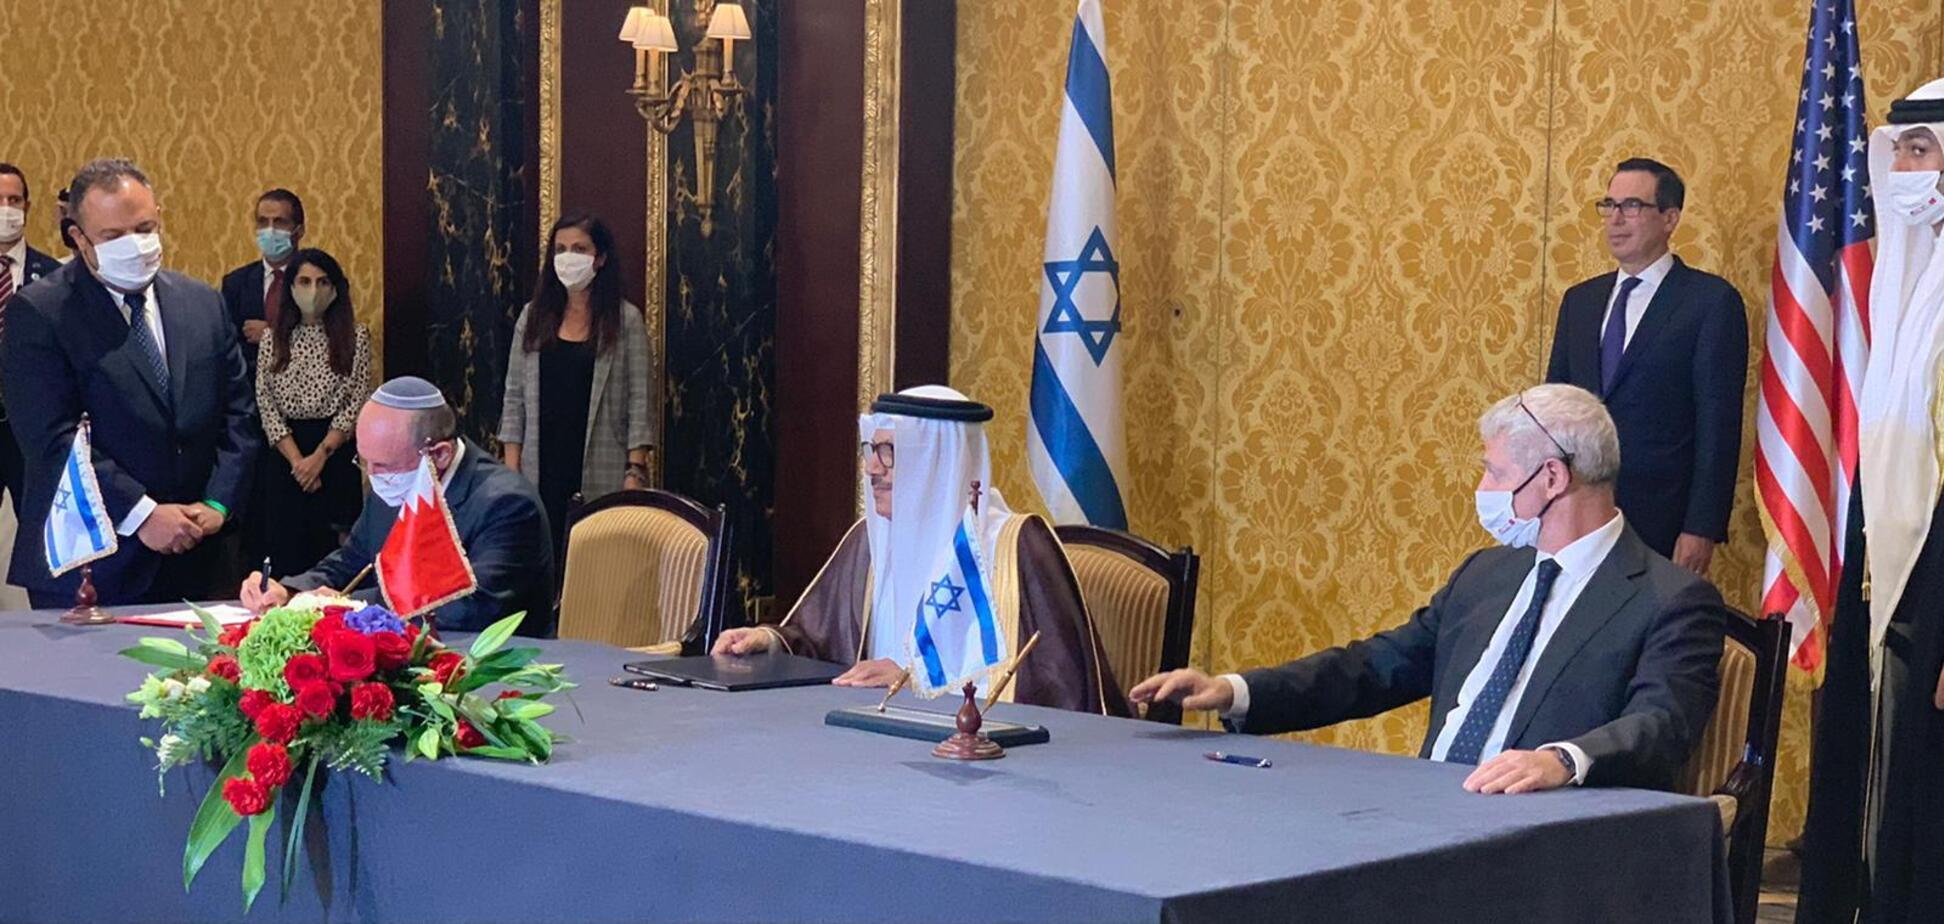 Ізраїль і Бахрейн встановили дипломатичні відносини